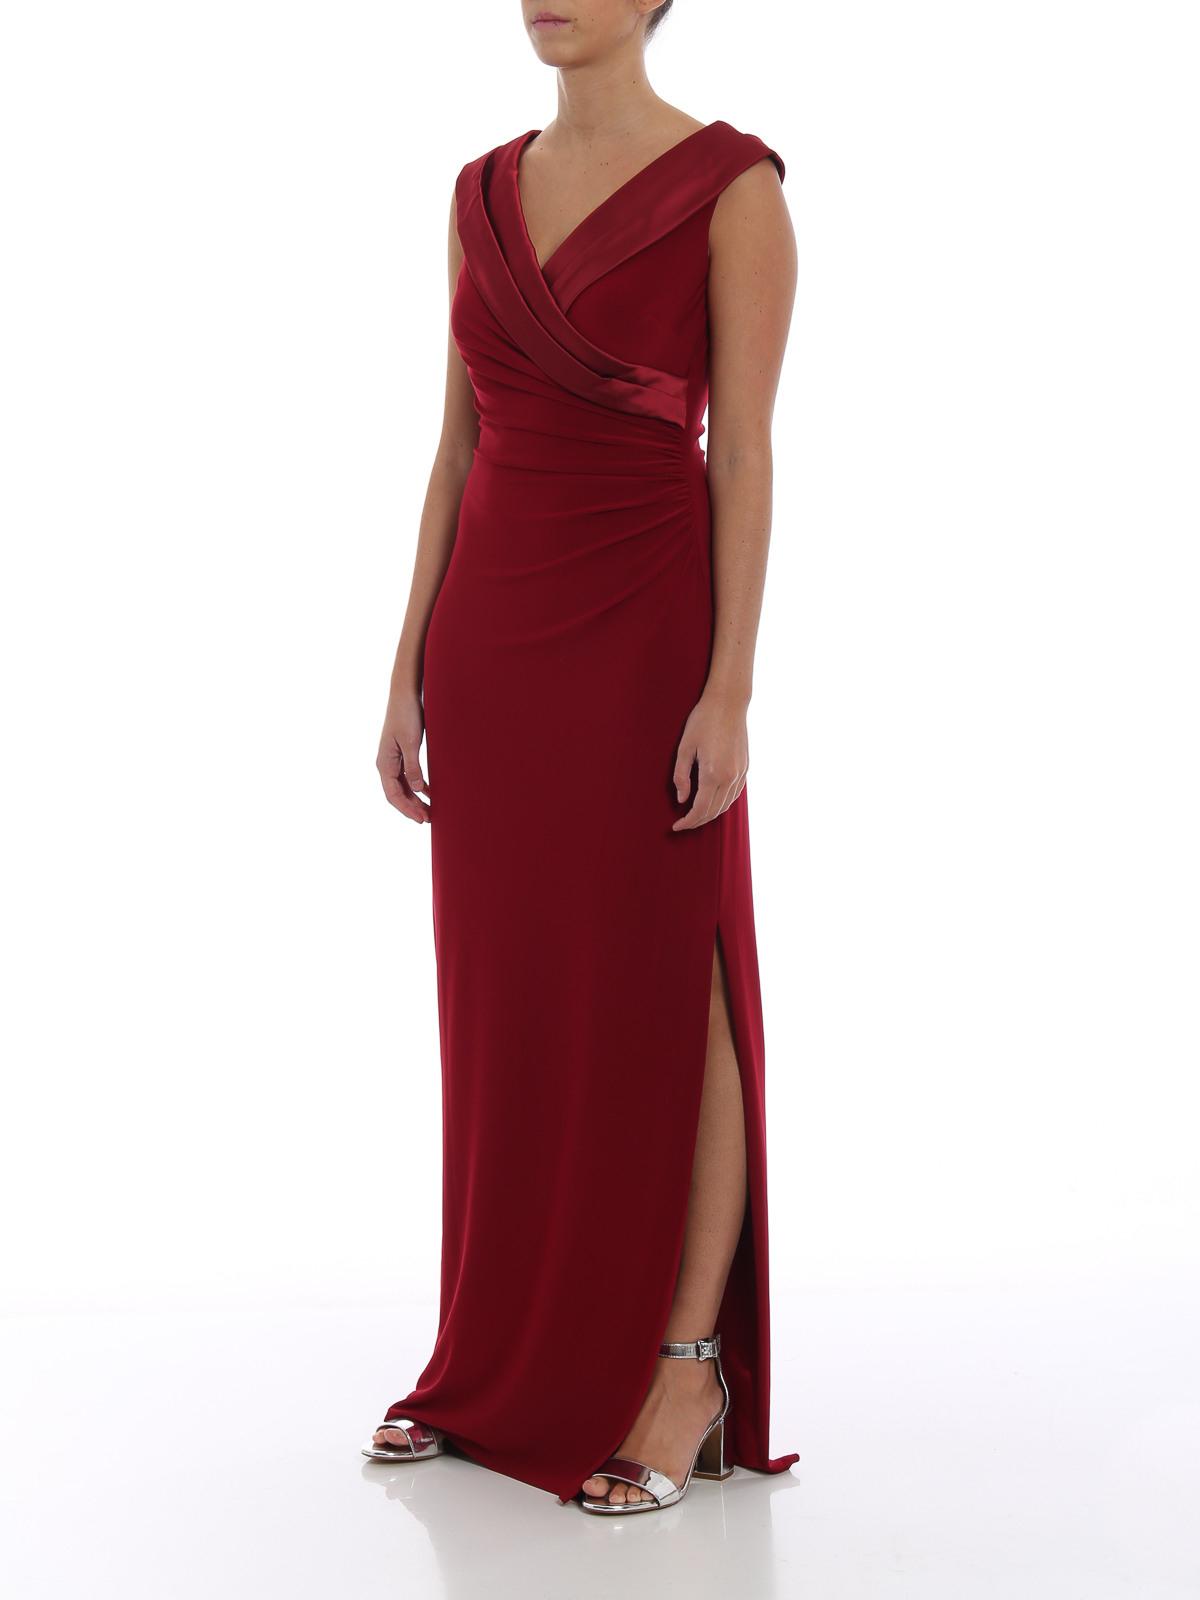 17 Ausgezeichnet Ralph Lauren Abend Kleid VertriebFormal Leicht Ralph Lauren Abend Kleid Galerie